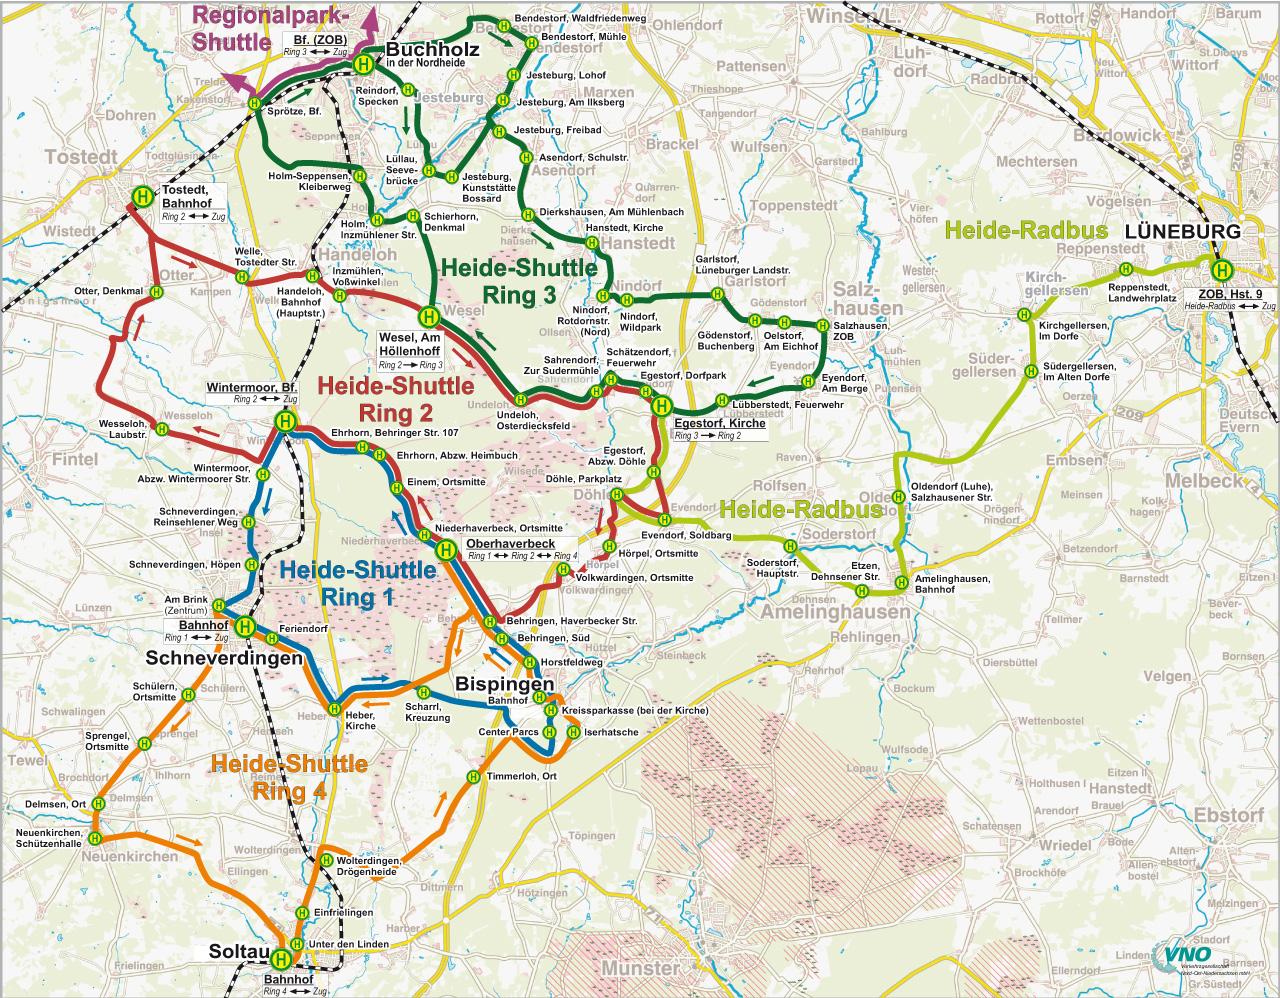 Karte mit dem Streckennetz der Buslinie des Heide Shuttles